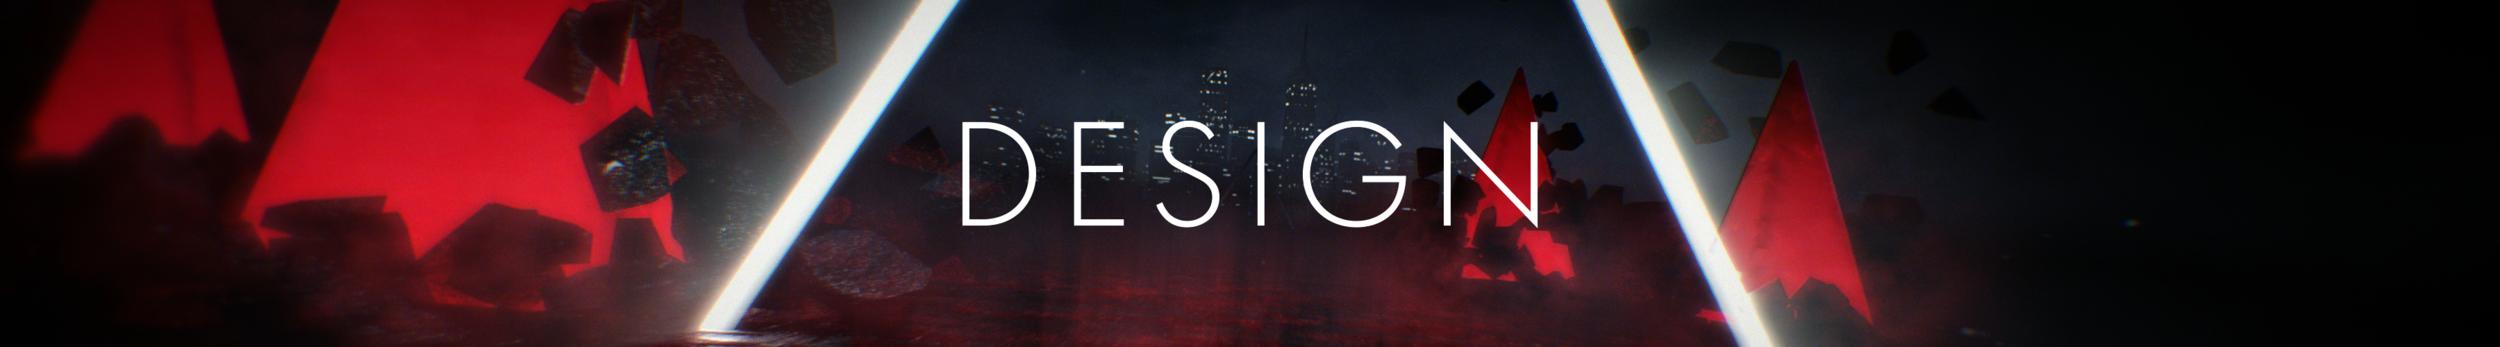 Design_cover_v001 (0-00-00-00).png